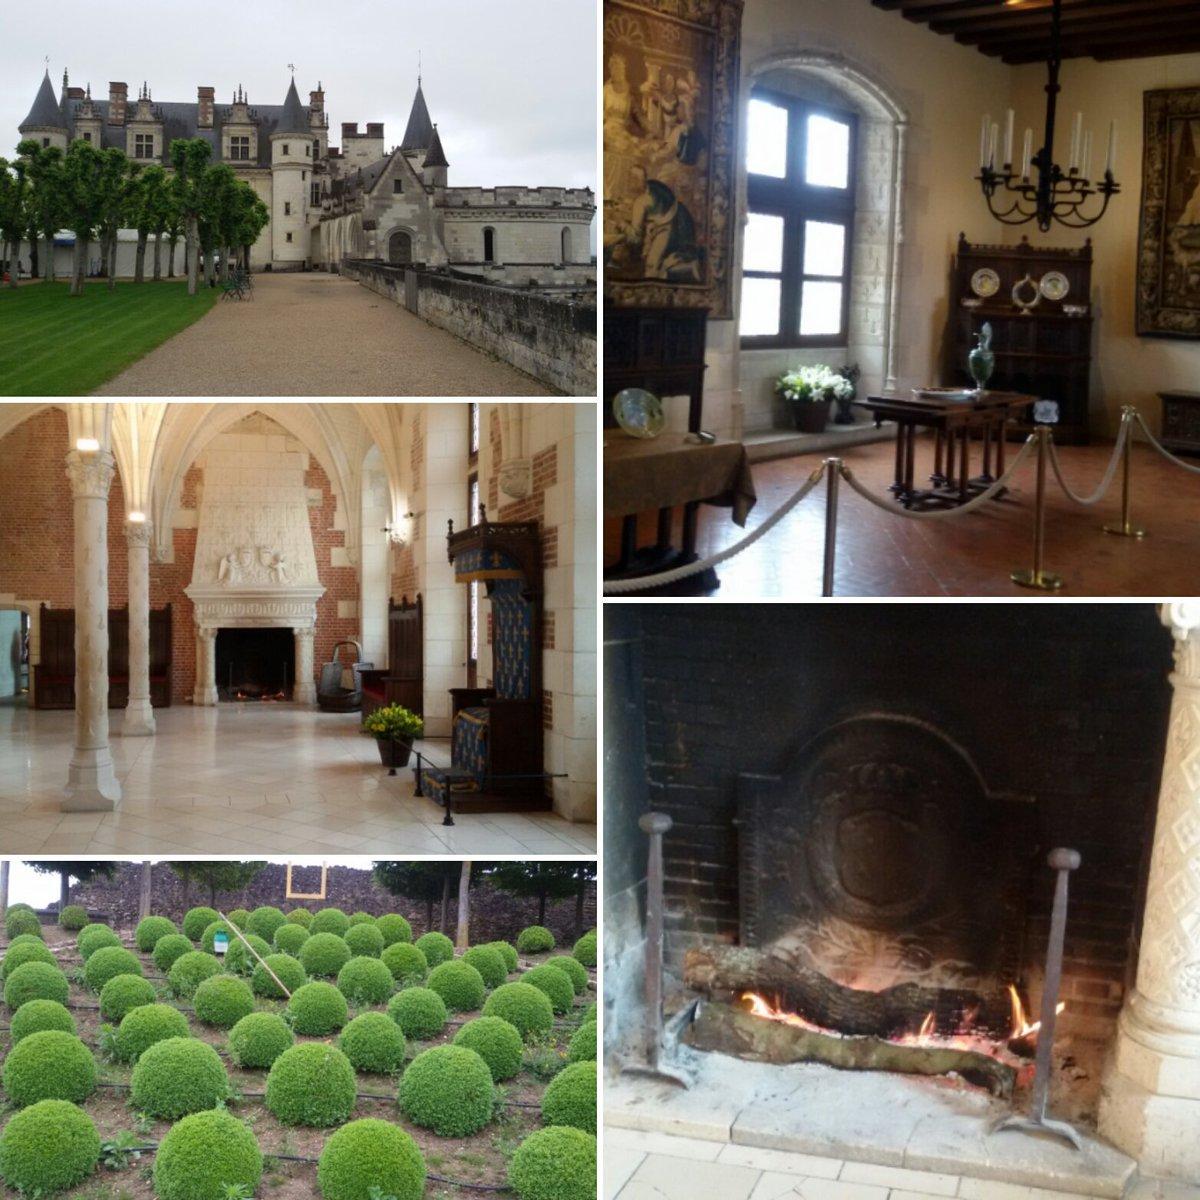 Il Castello Reale di #Amboise, un'affascinante edificio che domina il fiume #Loira dall'alto #FranceFR #LoireValley https://t.co/bjd8VL6DBD